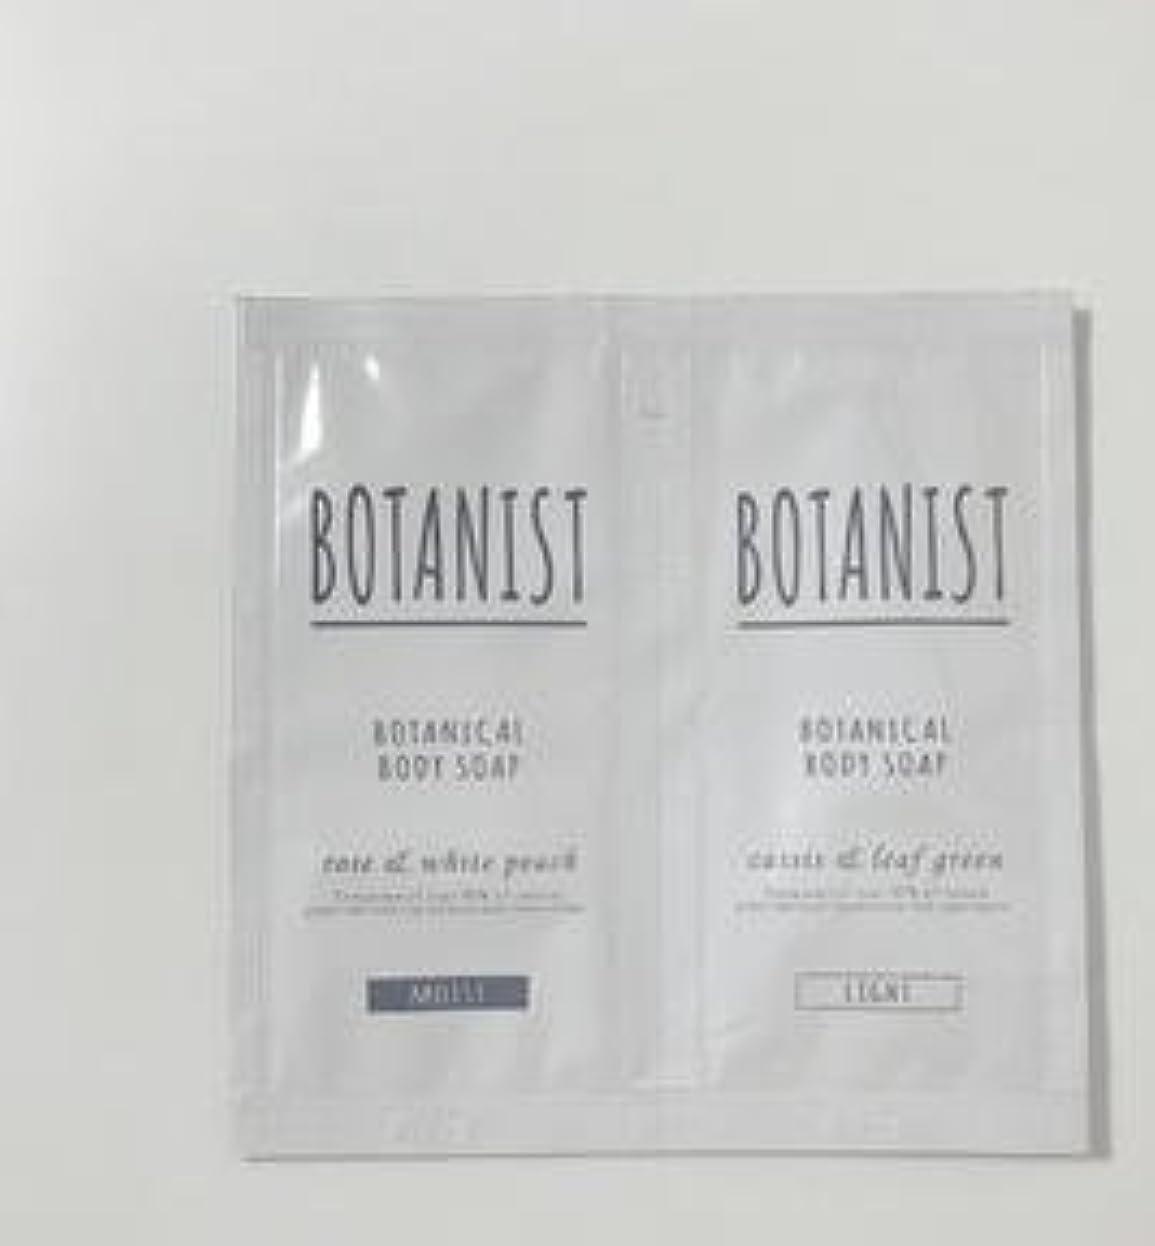 項目投票洗うBOTANIST ボタニカル ボディーソープ ライト&モイスト トライアルセット 8ml×2 (ライト&モイスト, 1個)